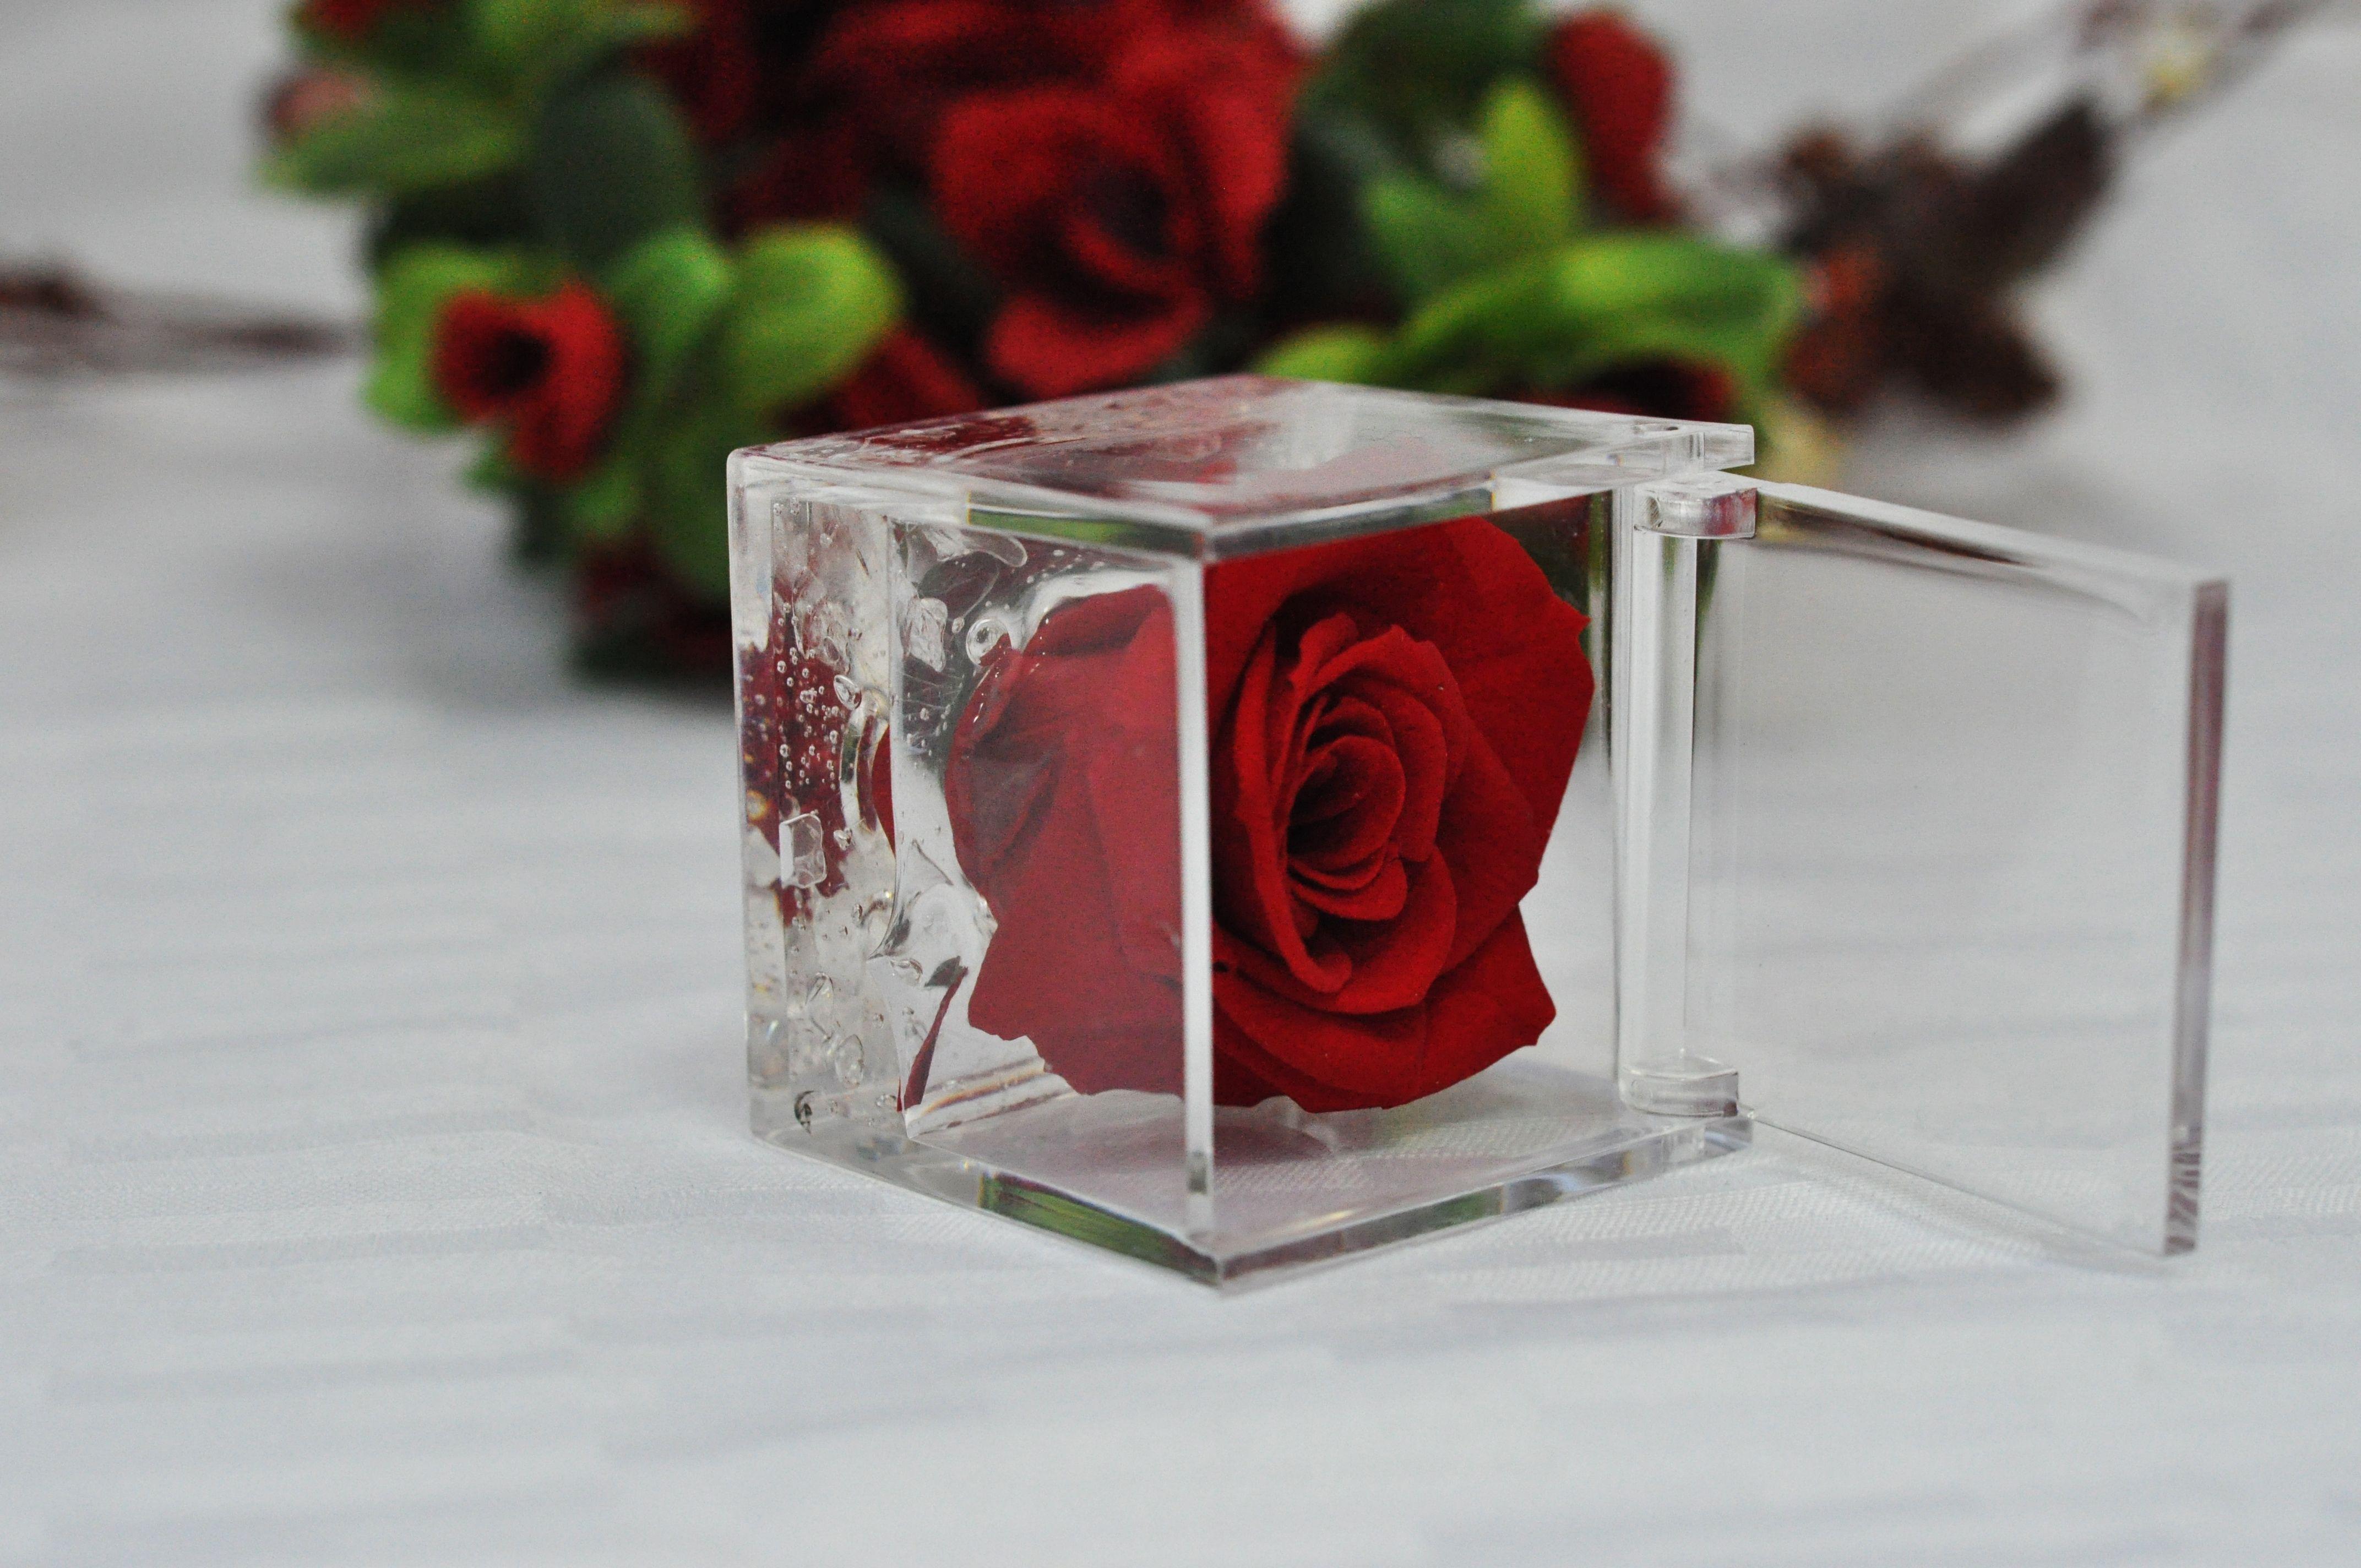 Kokulu güllerle eviniz gül koksun. #smell #candles #rose #gift  www.horizonmum.com, www.mummalzemesi.com, www.facebook.com/horizonmum, www.twitter.com/horizonmum, www.instagram.com/horizonmum